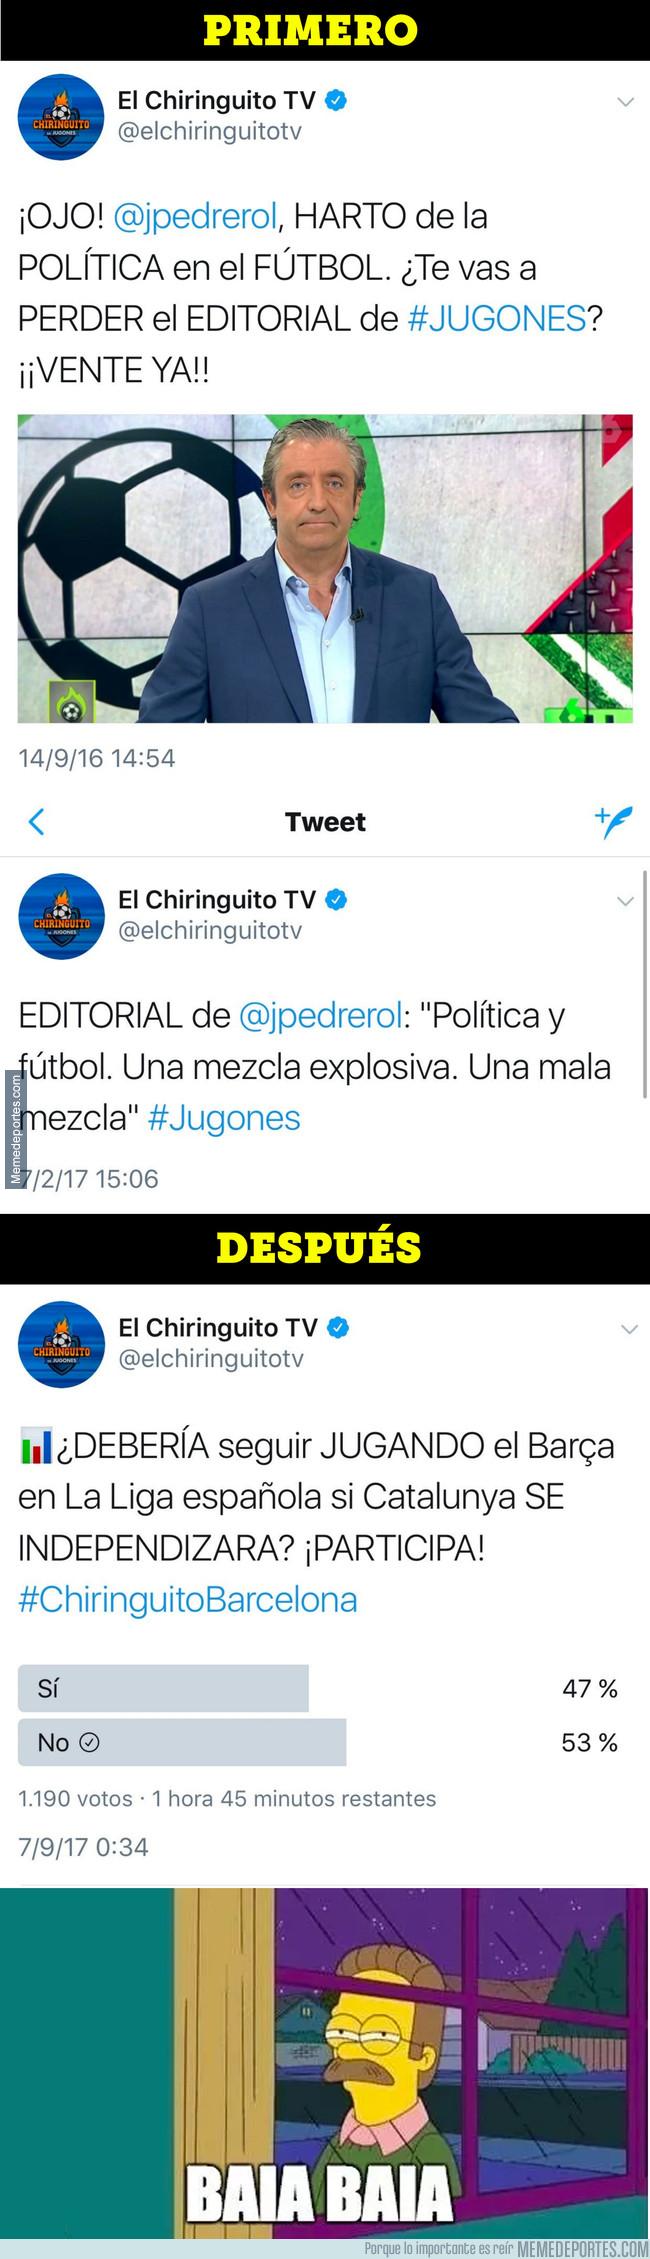 998020 - Pedrerol tiene que tragarse sus palabras tras mezclar el fútbol con la independencia de Catalunya